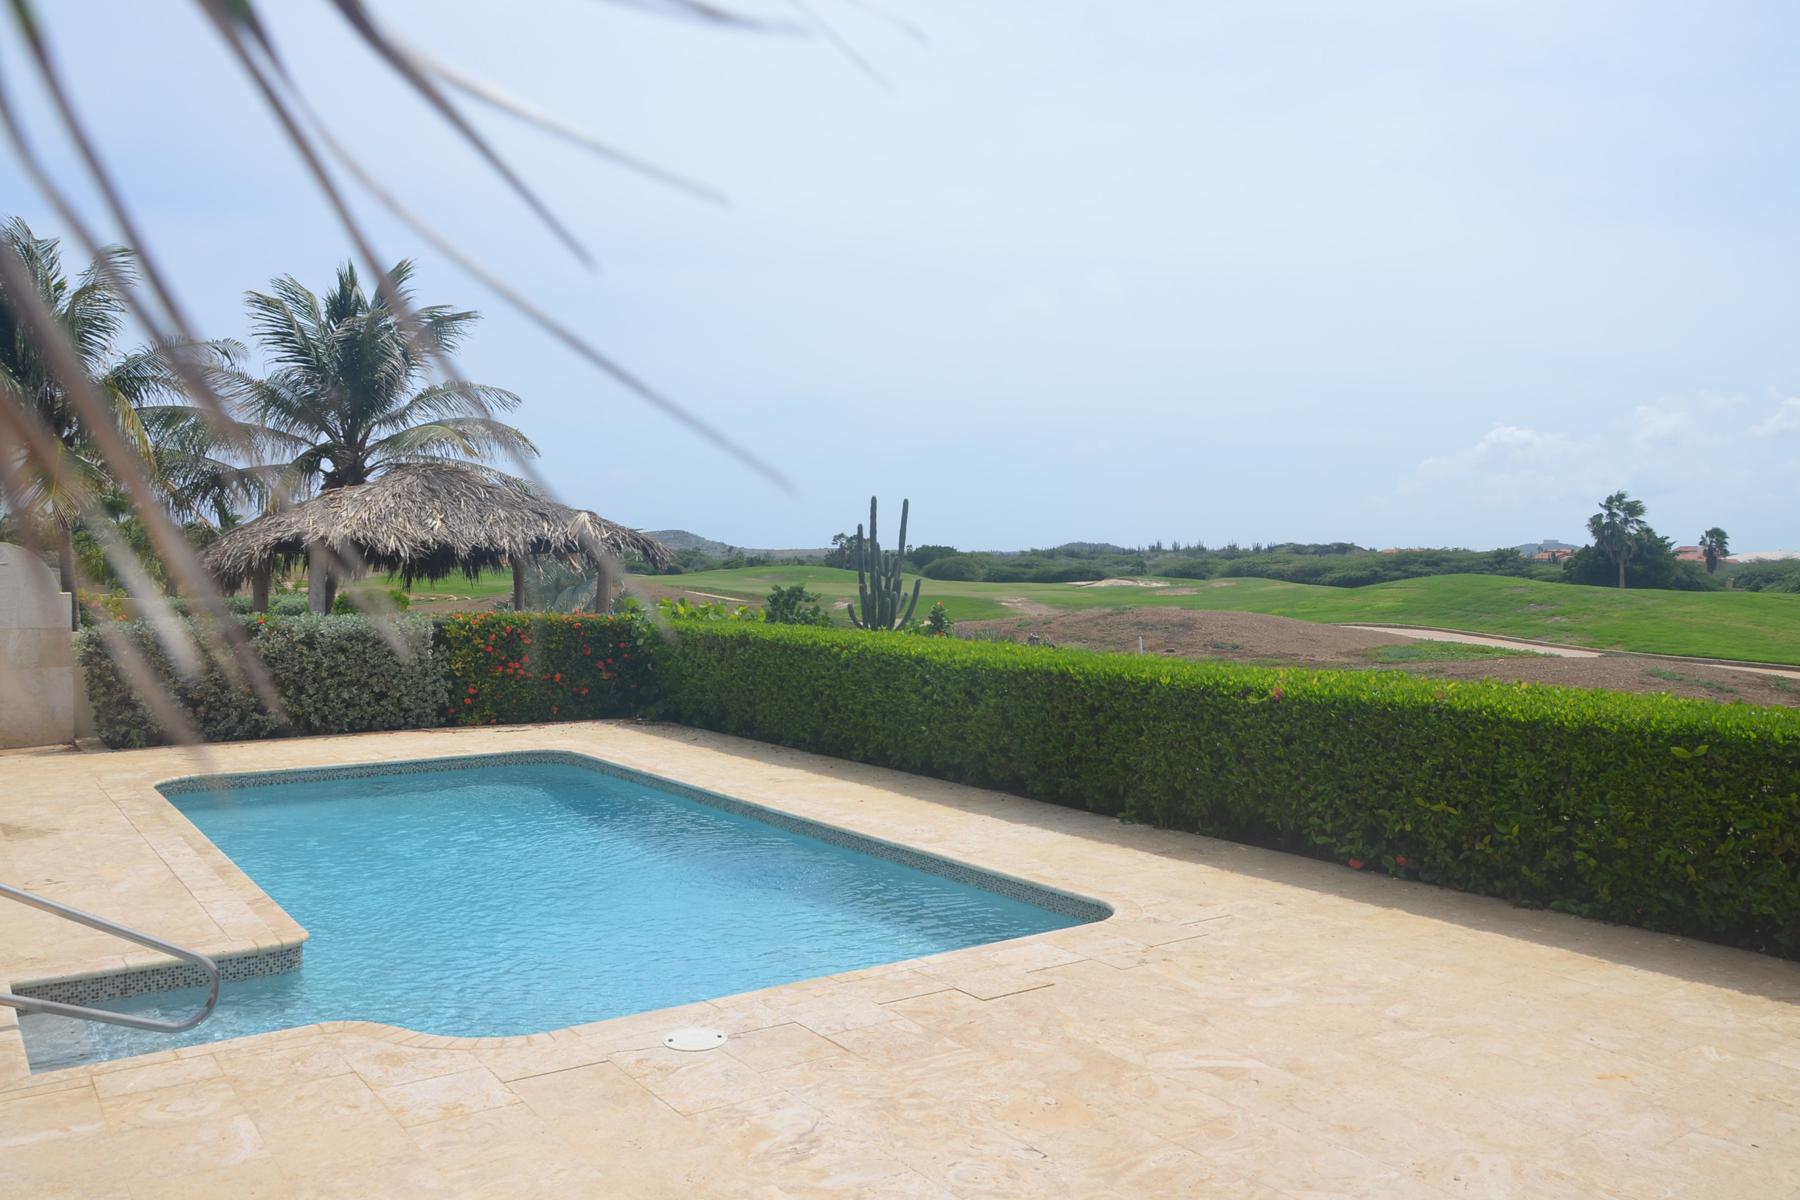 Additional photo for property listing at Spectacular Villa Golf View Caya di Campeonnan 24 Las Campeonas Malmok, 阿鲁巴 00000 阿鲁巴岛